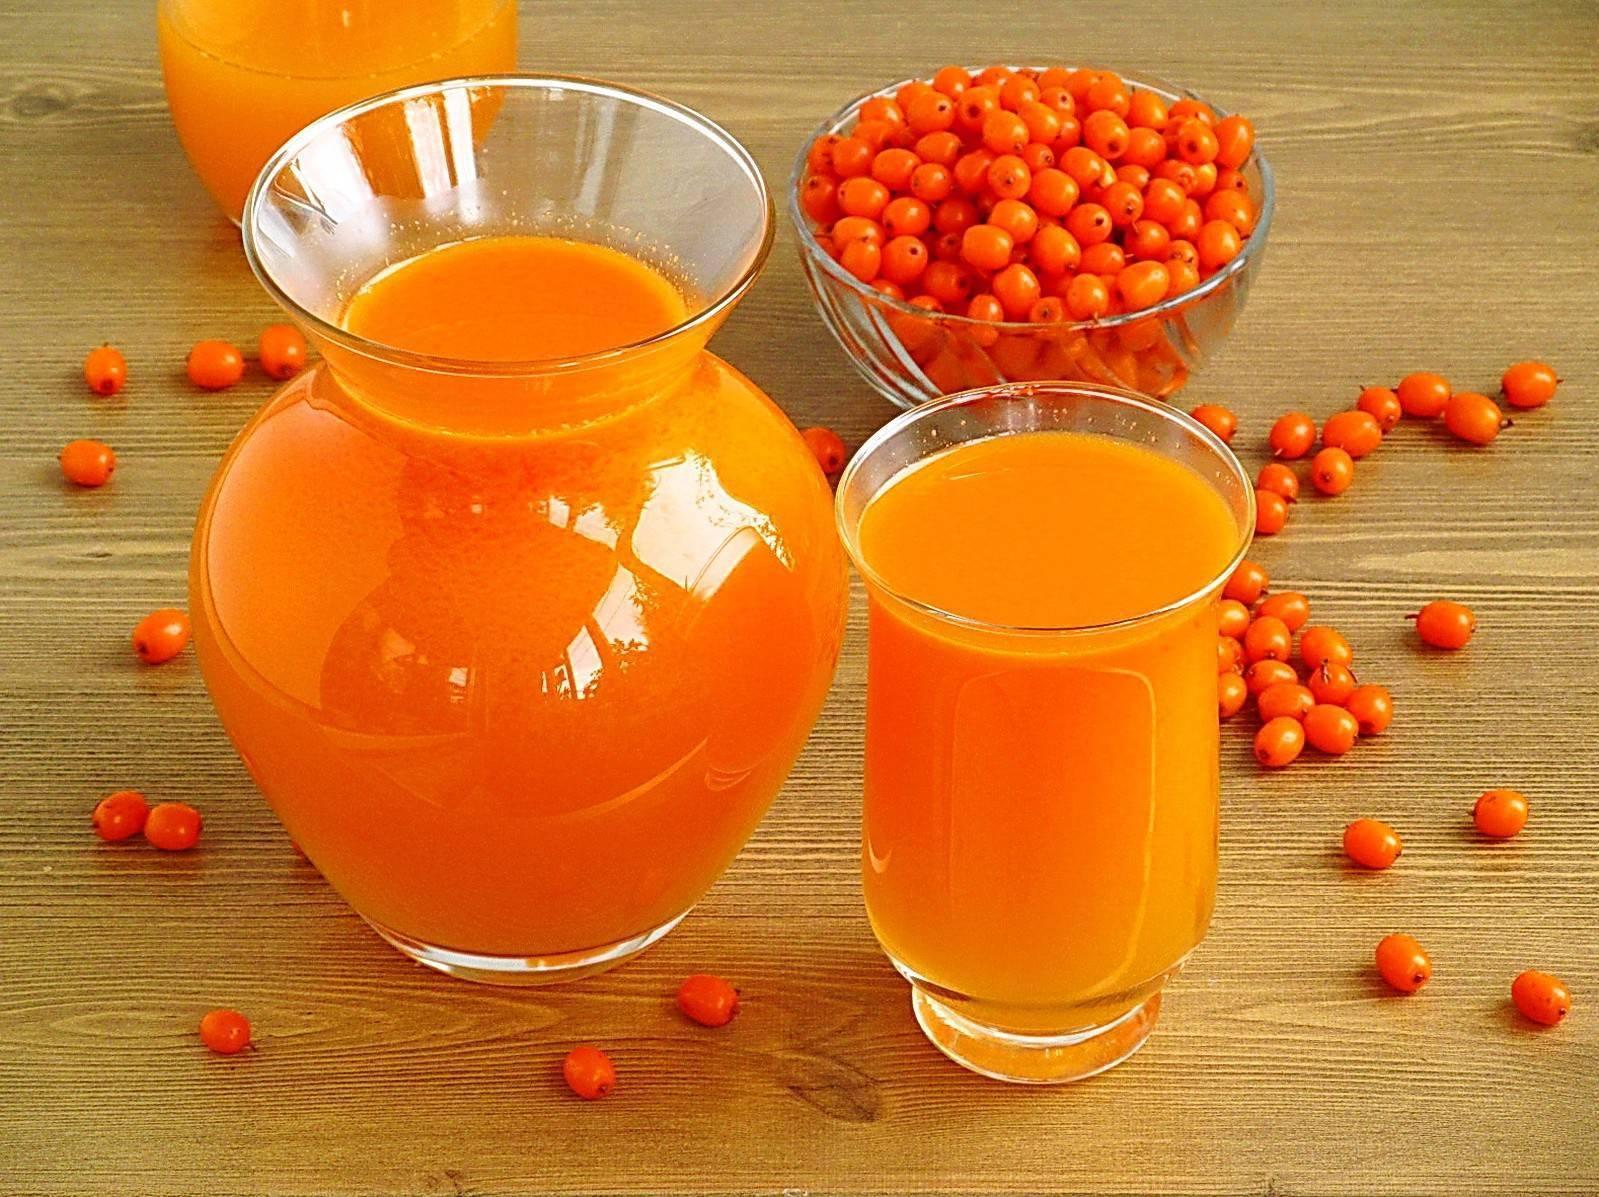 Морс из облепихи - полезные свойства и лучшие рецепты домашнего напитка